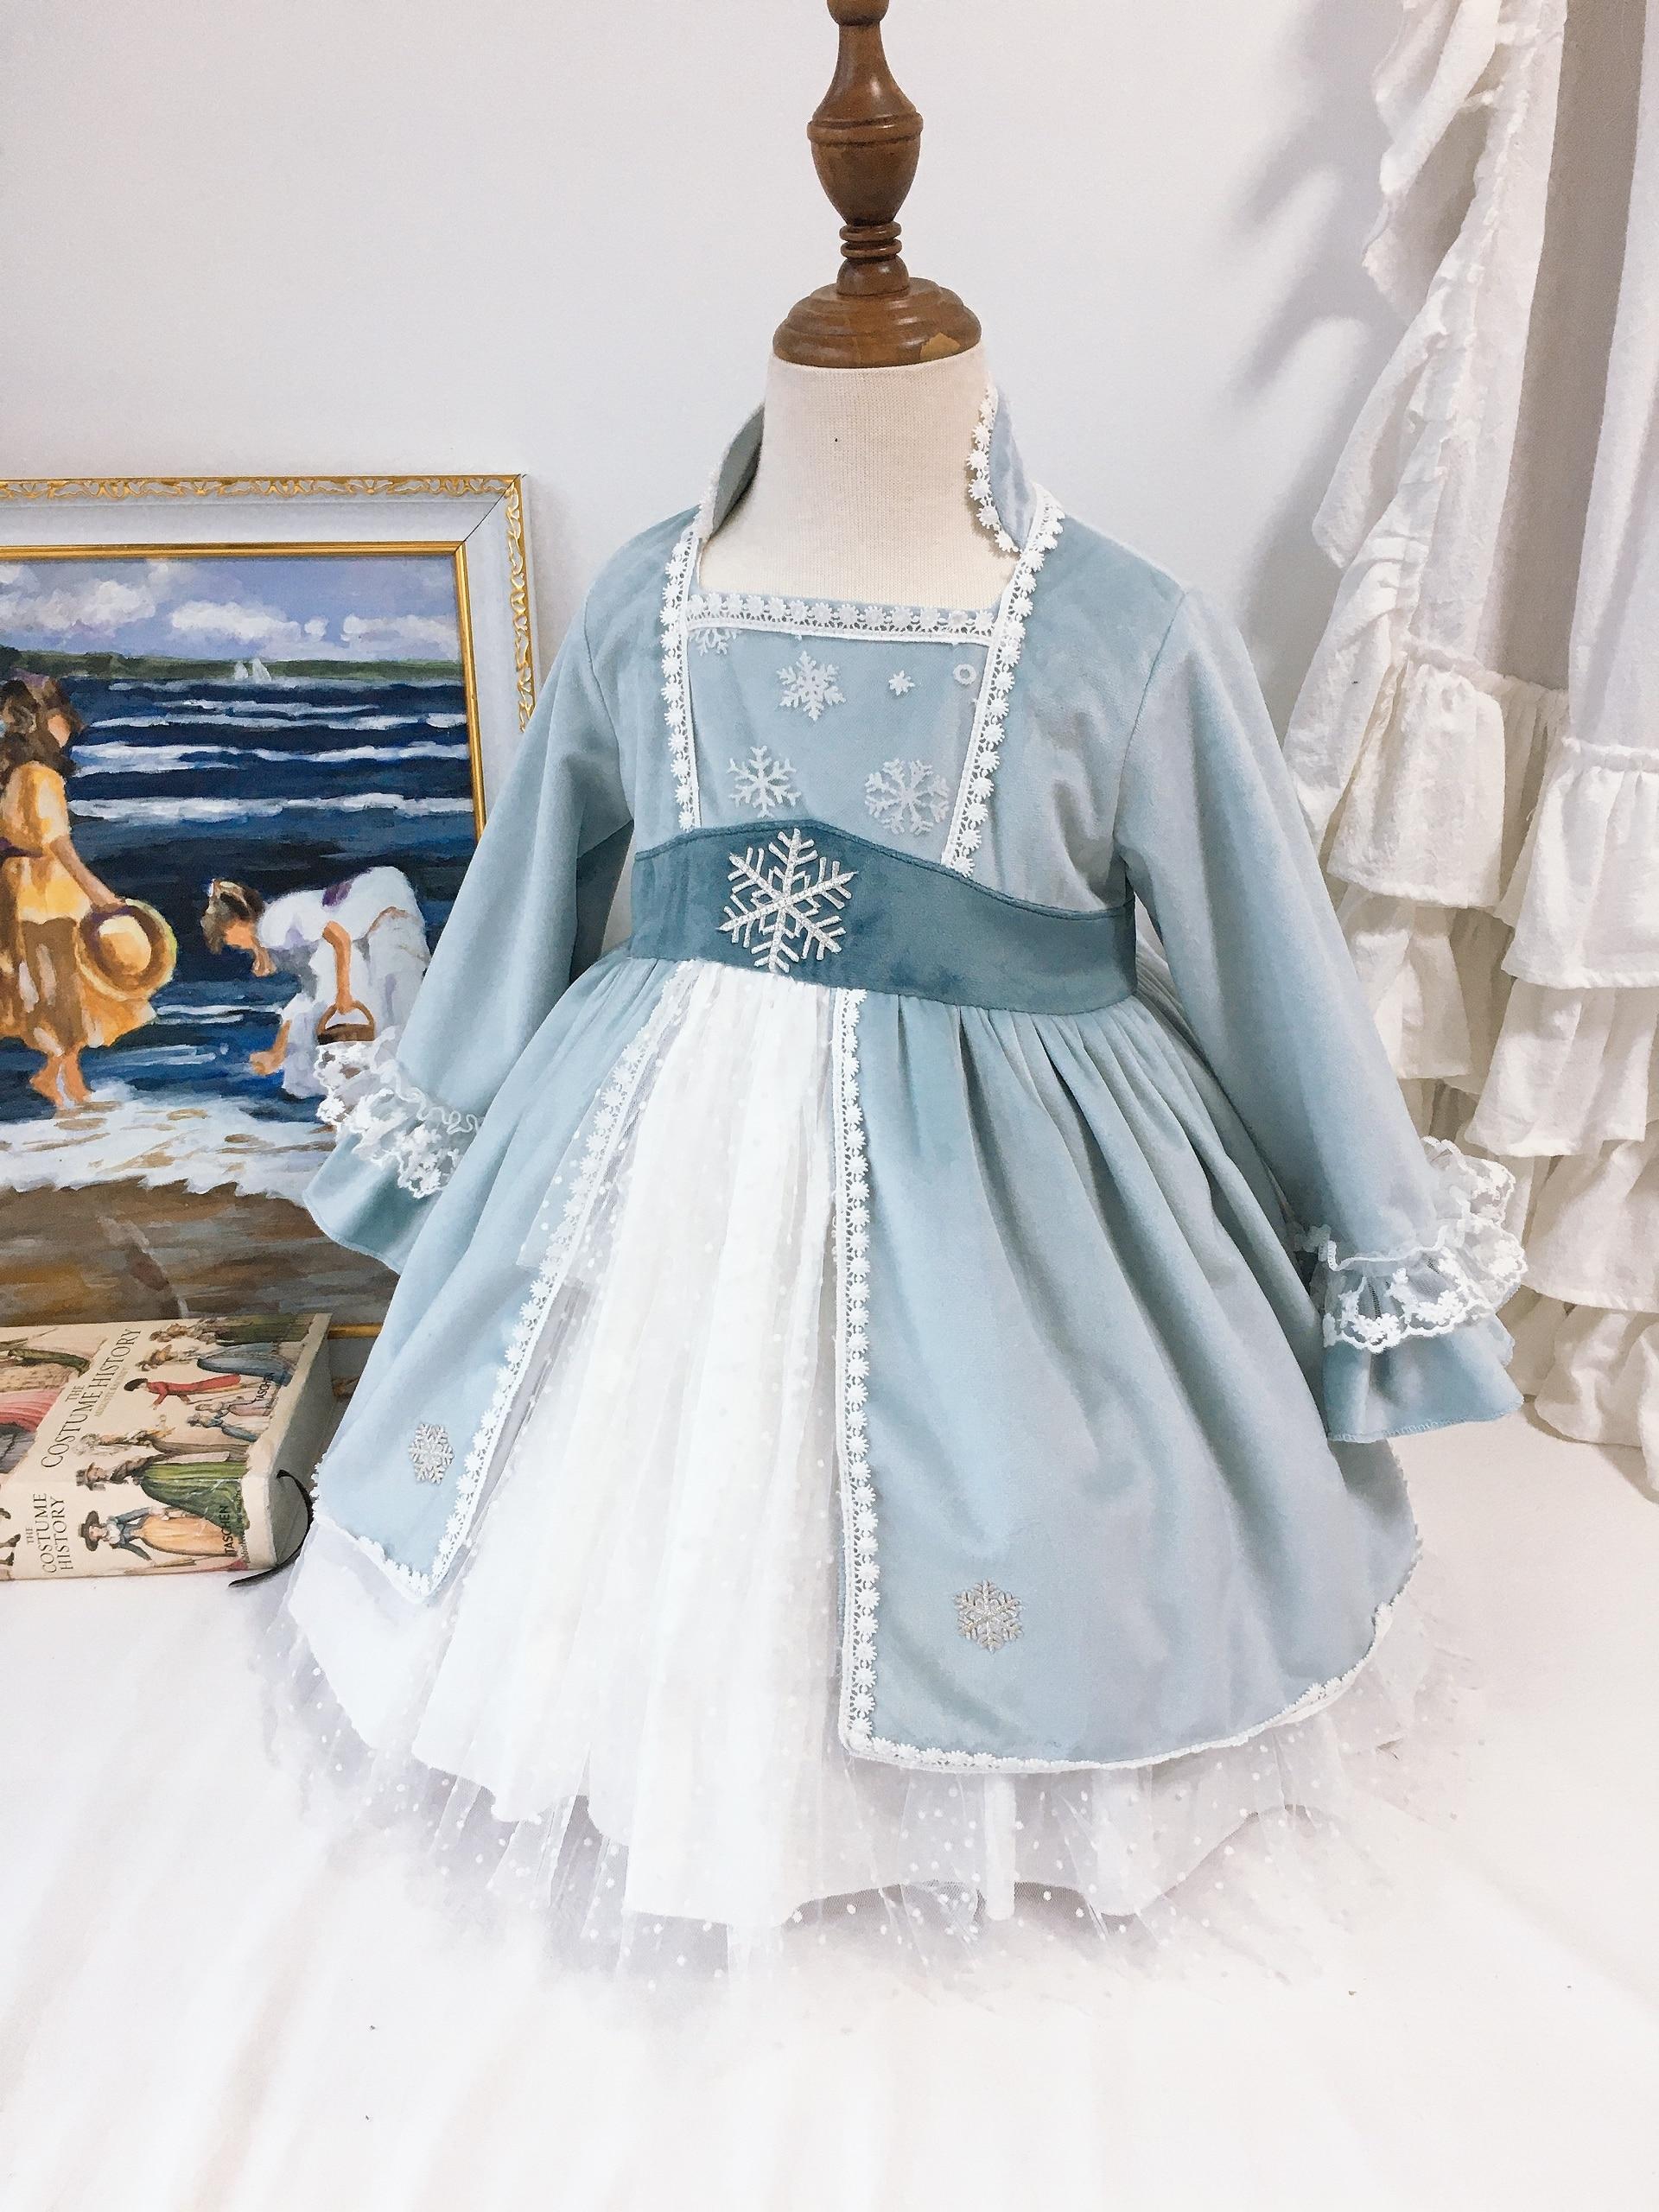 طفلة الخريف الشتاء الضوء الأزرق الثلوج المخملية طويلة الأكمام لوليتا الأميرة الكرة ثوب فستان لفتاة عيد الميلاد عادية